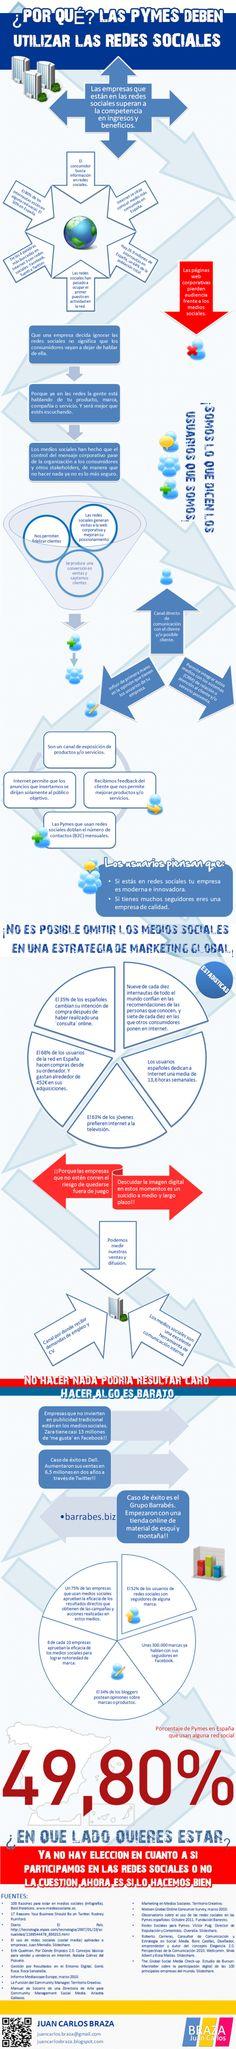 Infografía en español que muestra la importancia comercial de las redes sociales